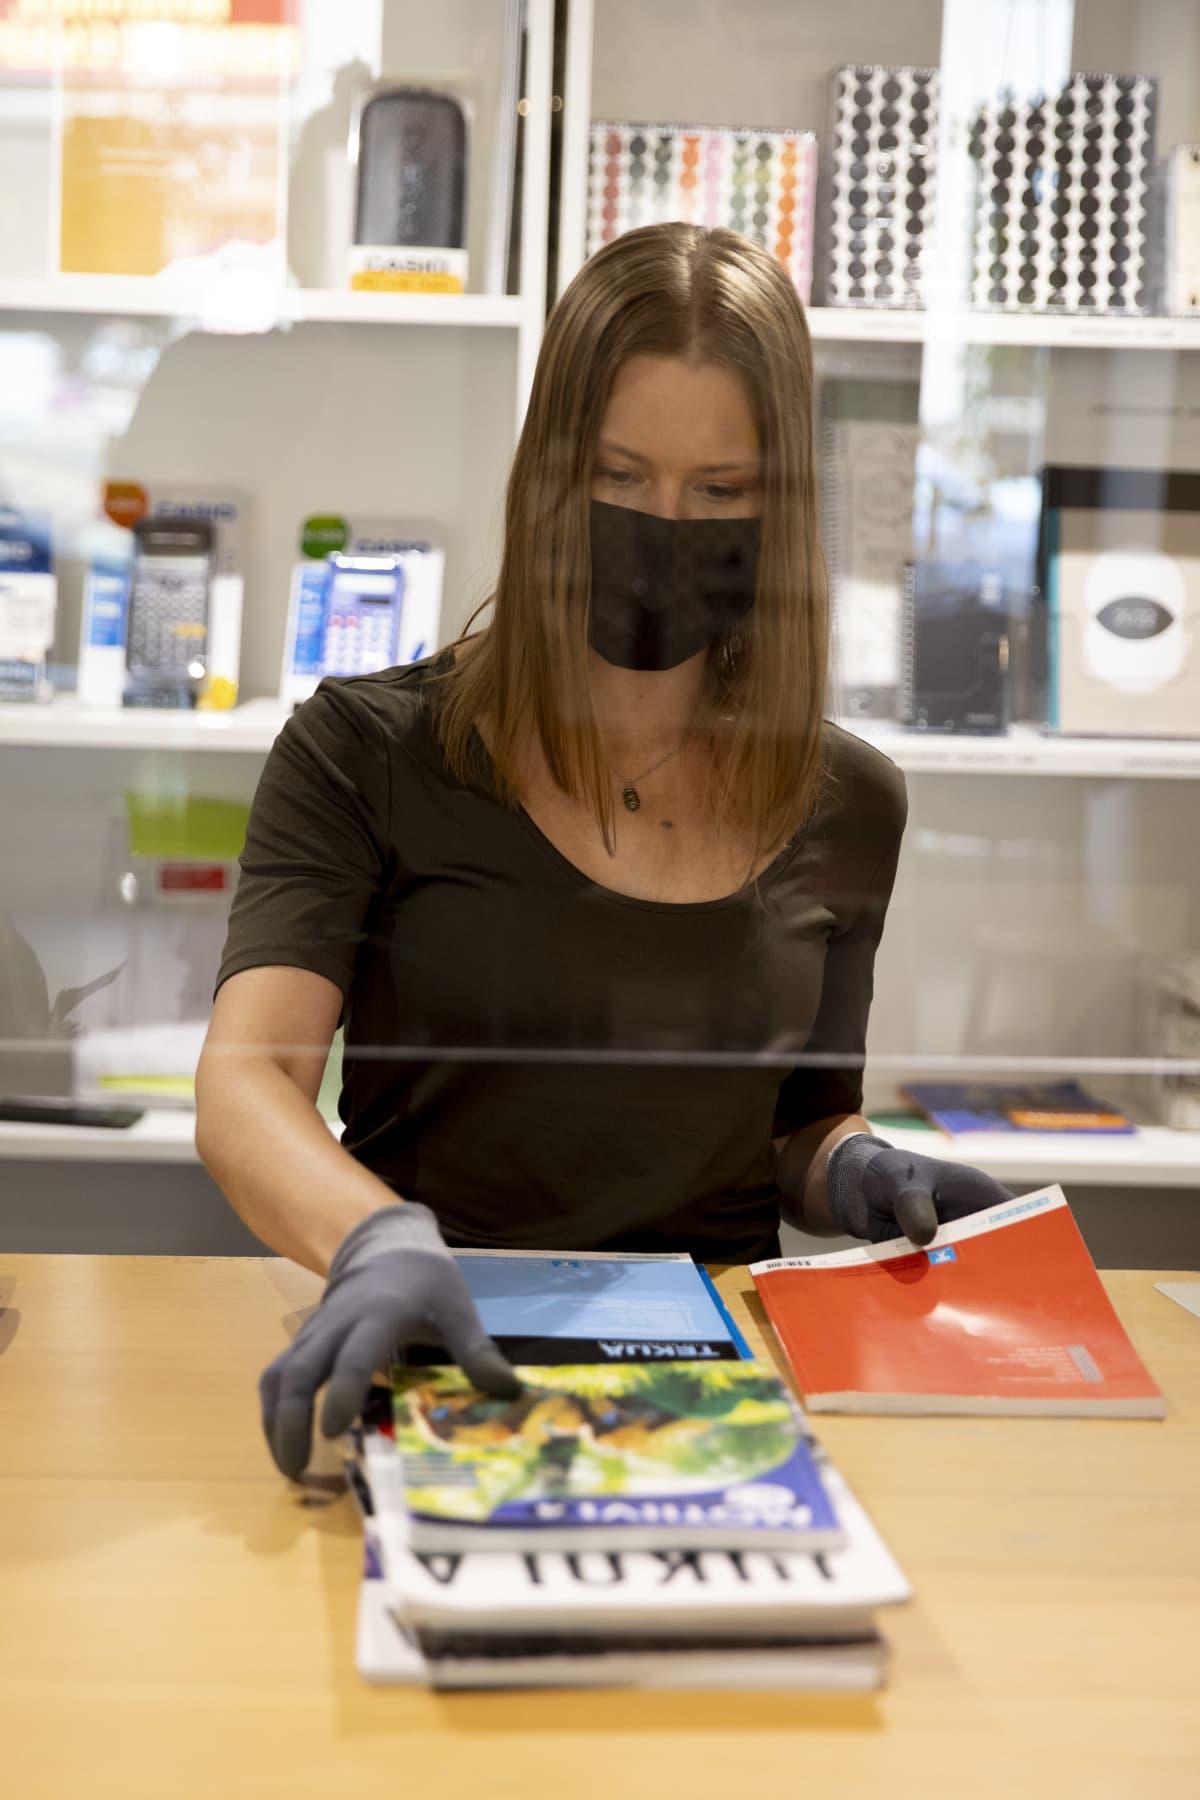 Myyjä Tuula Tarkkonen tarkastaa käytettyjen lukiokirjojen kuntoa Jamera Oy:n myymälässä.